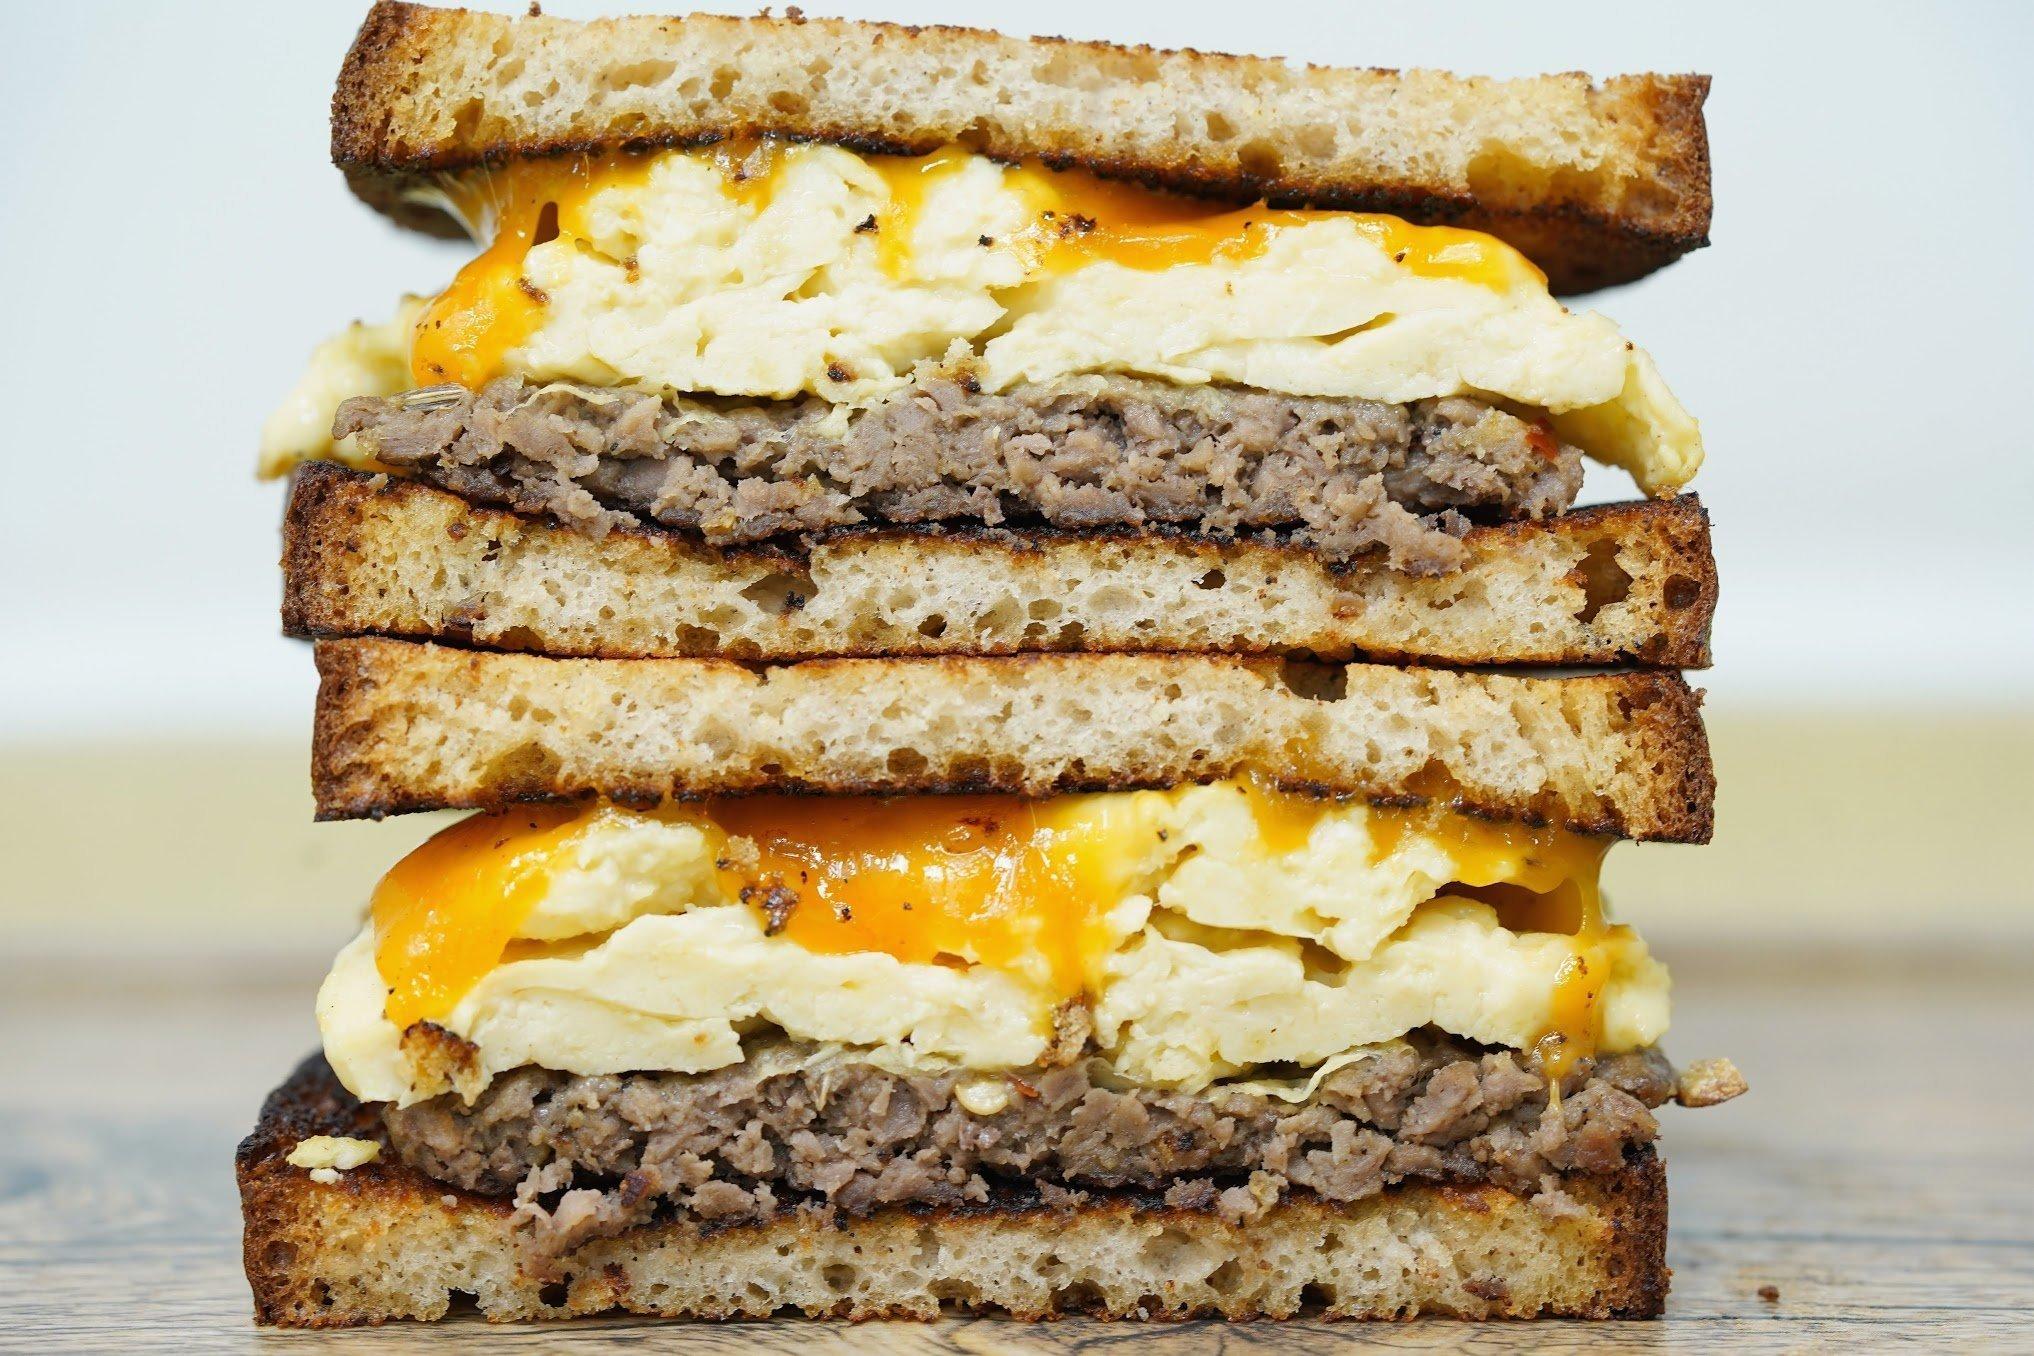 Best-Gluten-Free-Breakfast-Vegan-Breakfast-Miami-SoBeVegan-Breakfast-Sandwich-10-6-19